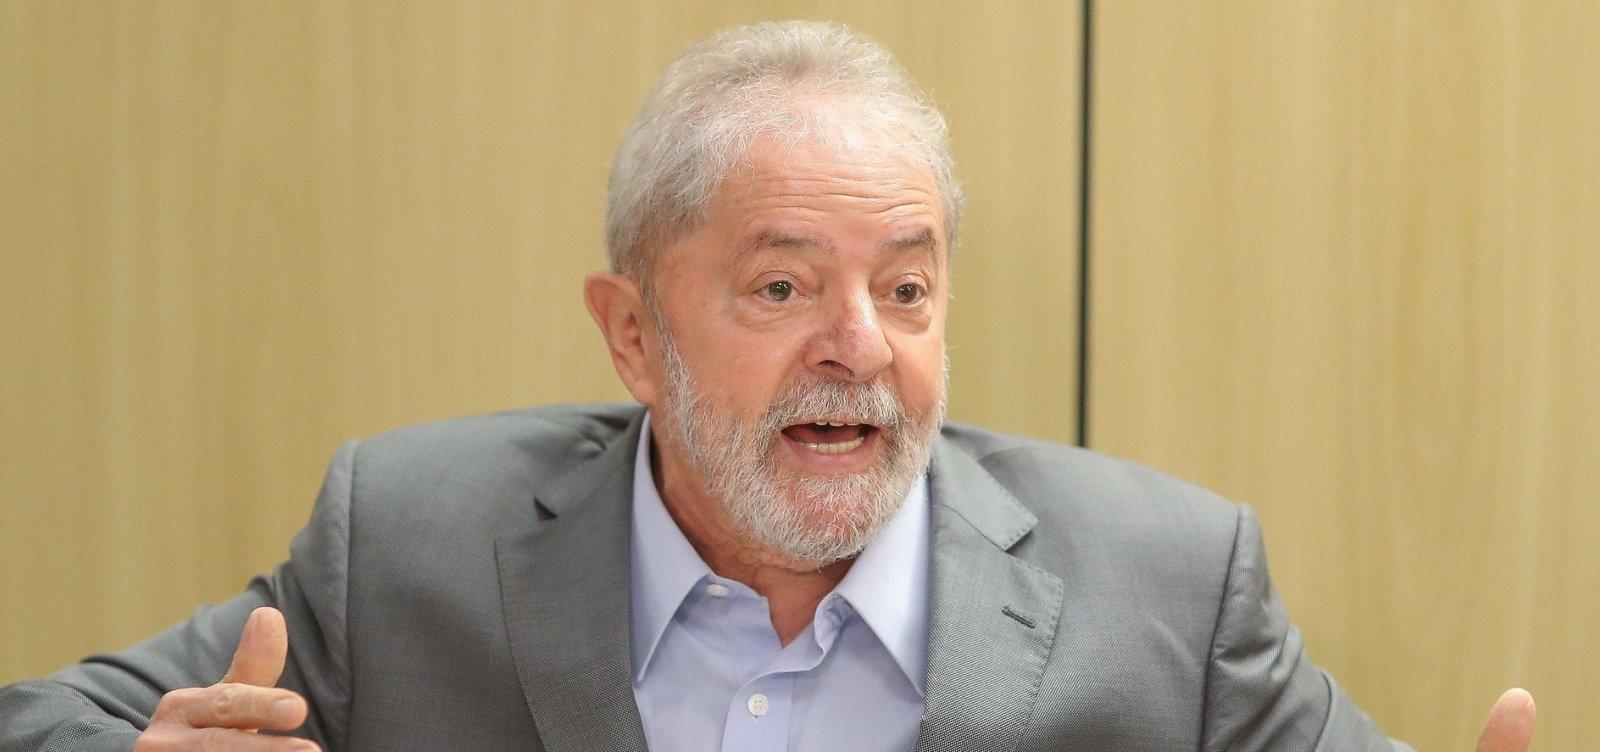 [Em entrevista na PF, Lula diz que Bolsonaro faz mandato 'extremamente desastroso']